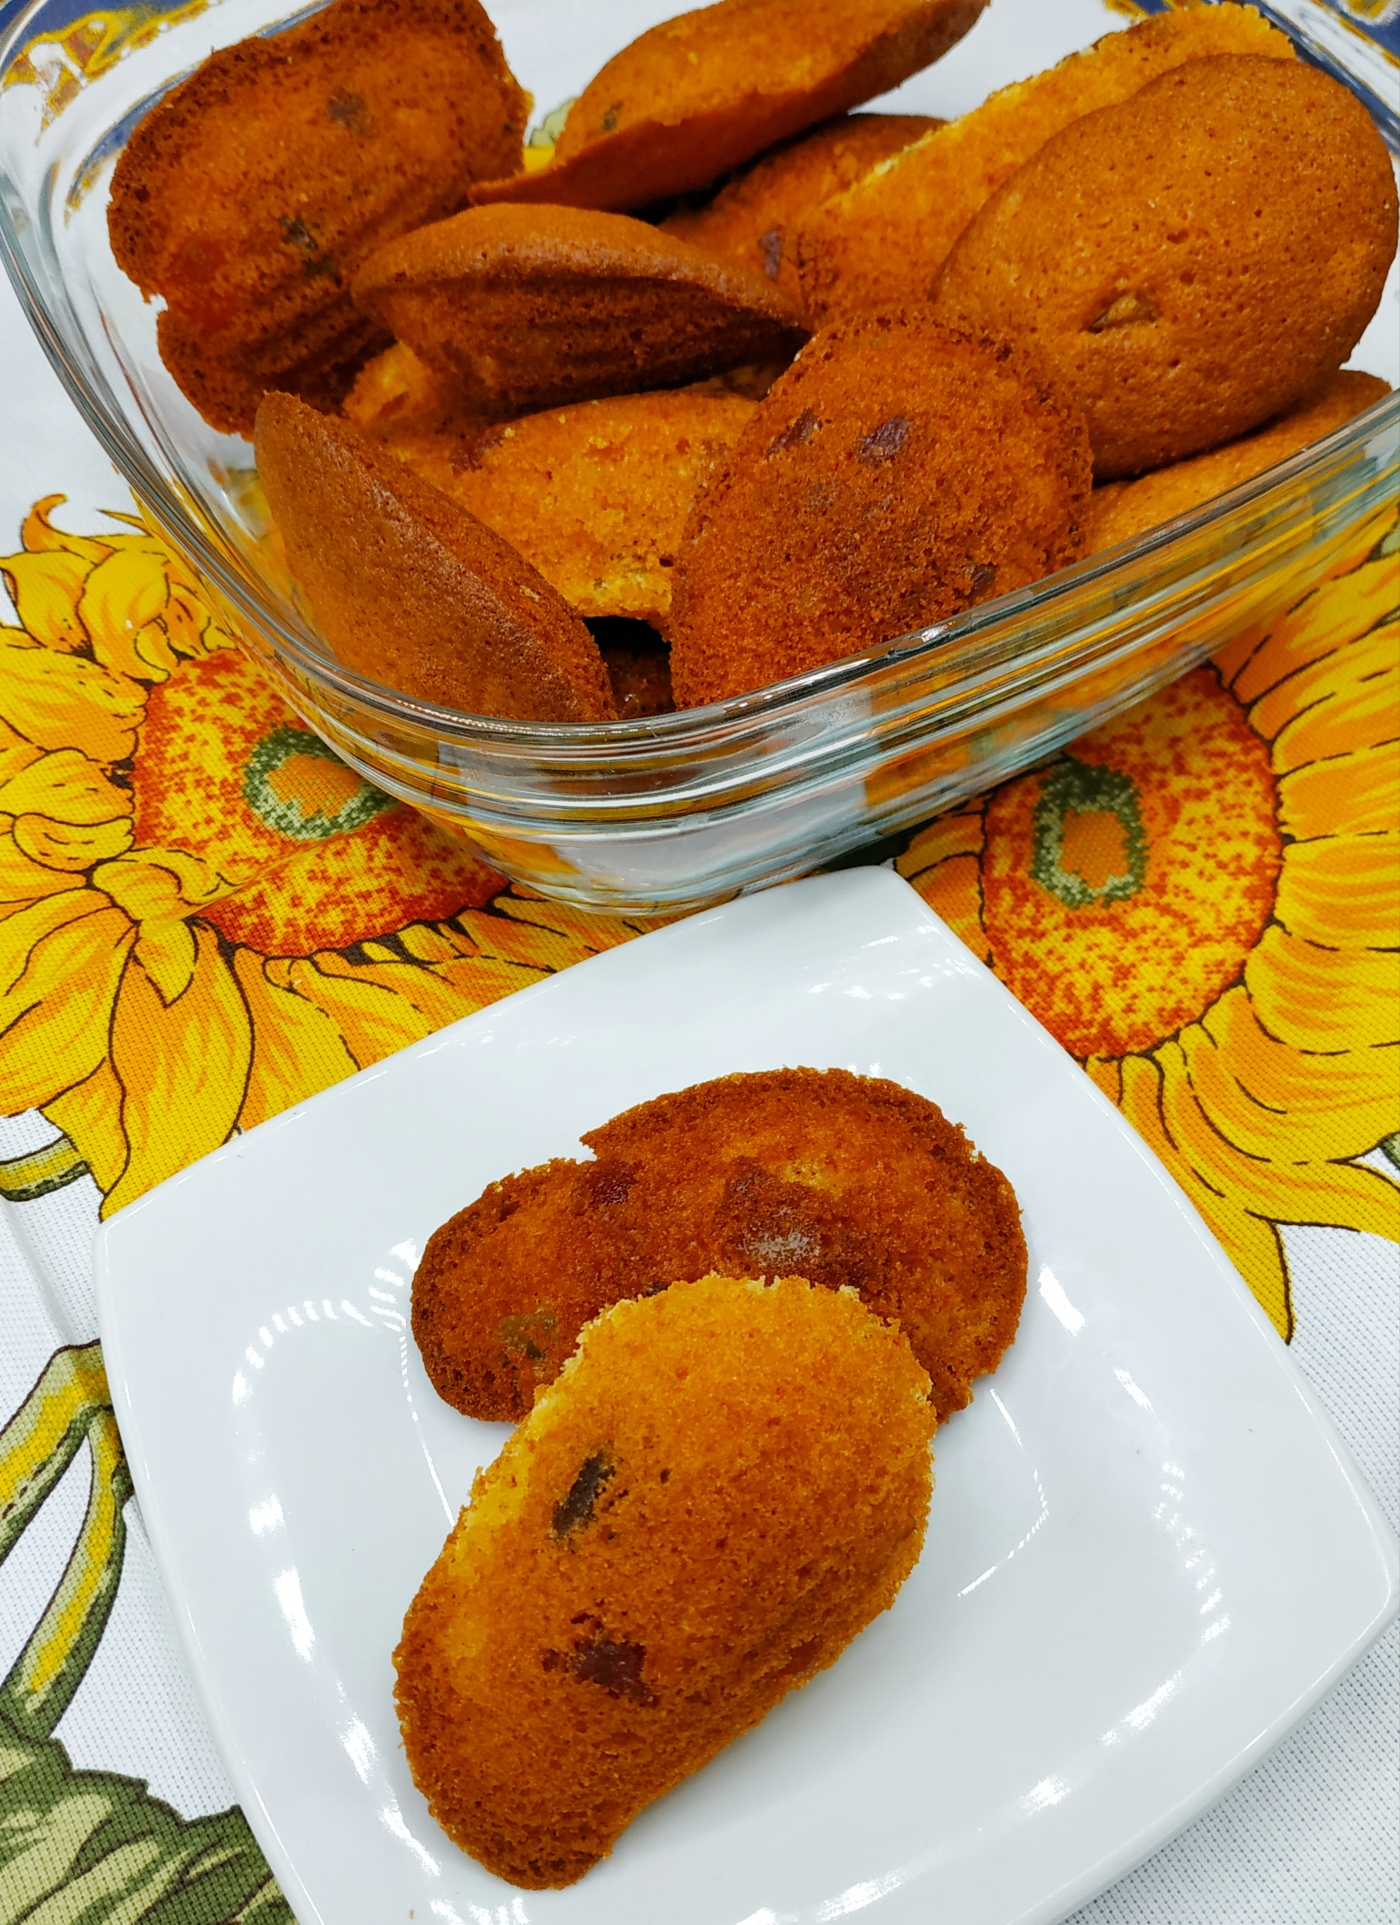 Madeleines aux fruits confits réalisés selon la recette de vahiné